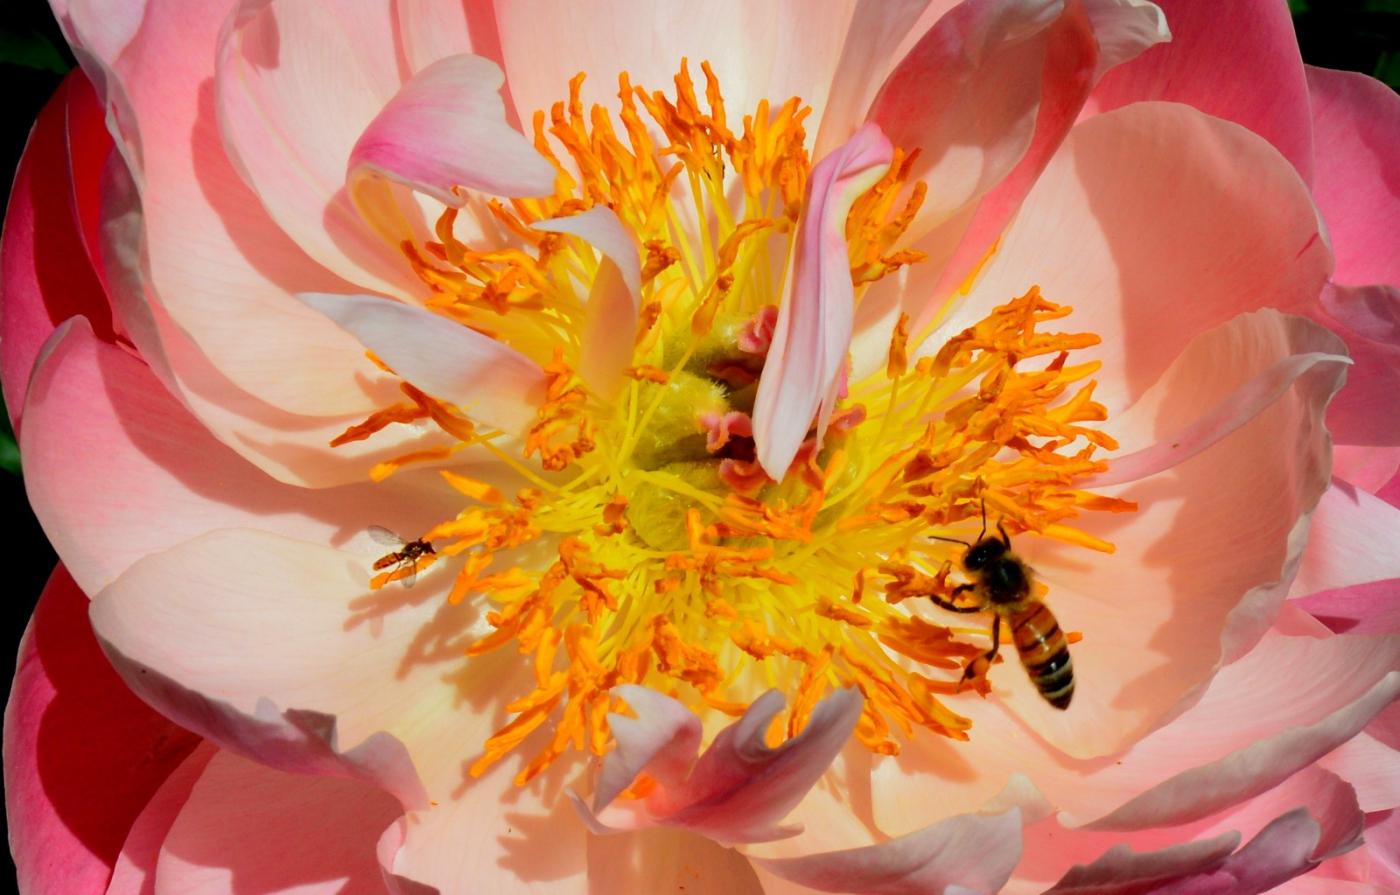 美丽的花蕊 (2)_图1-1